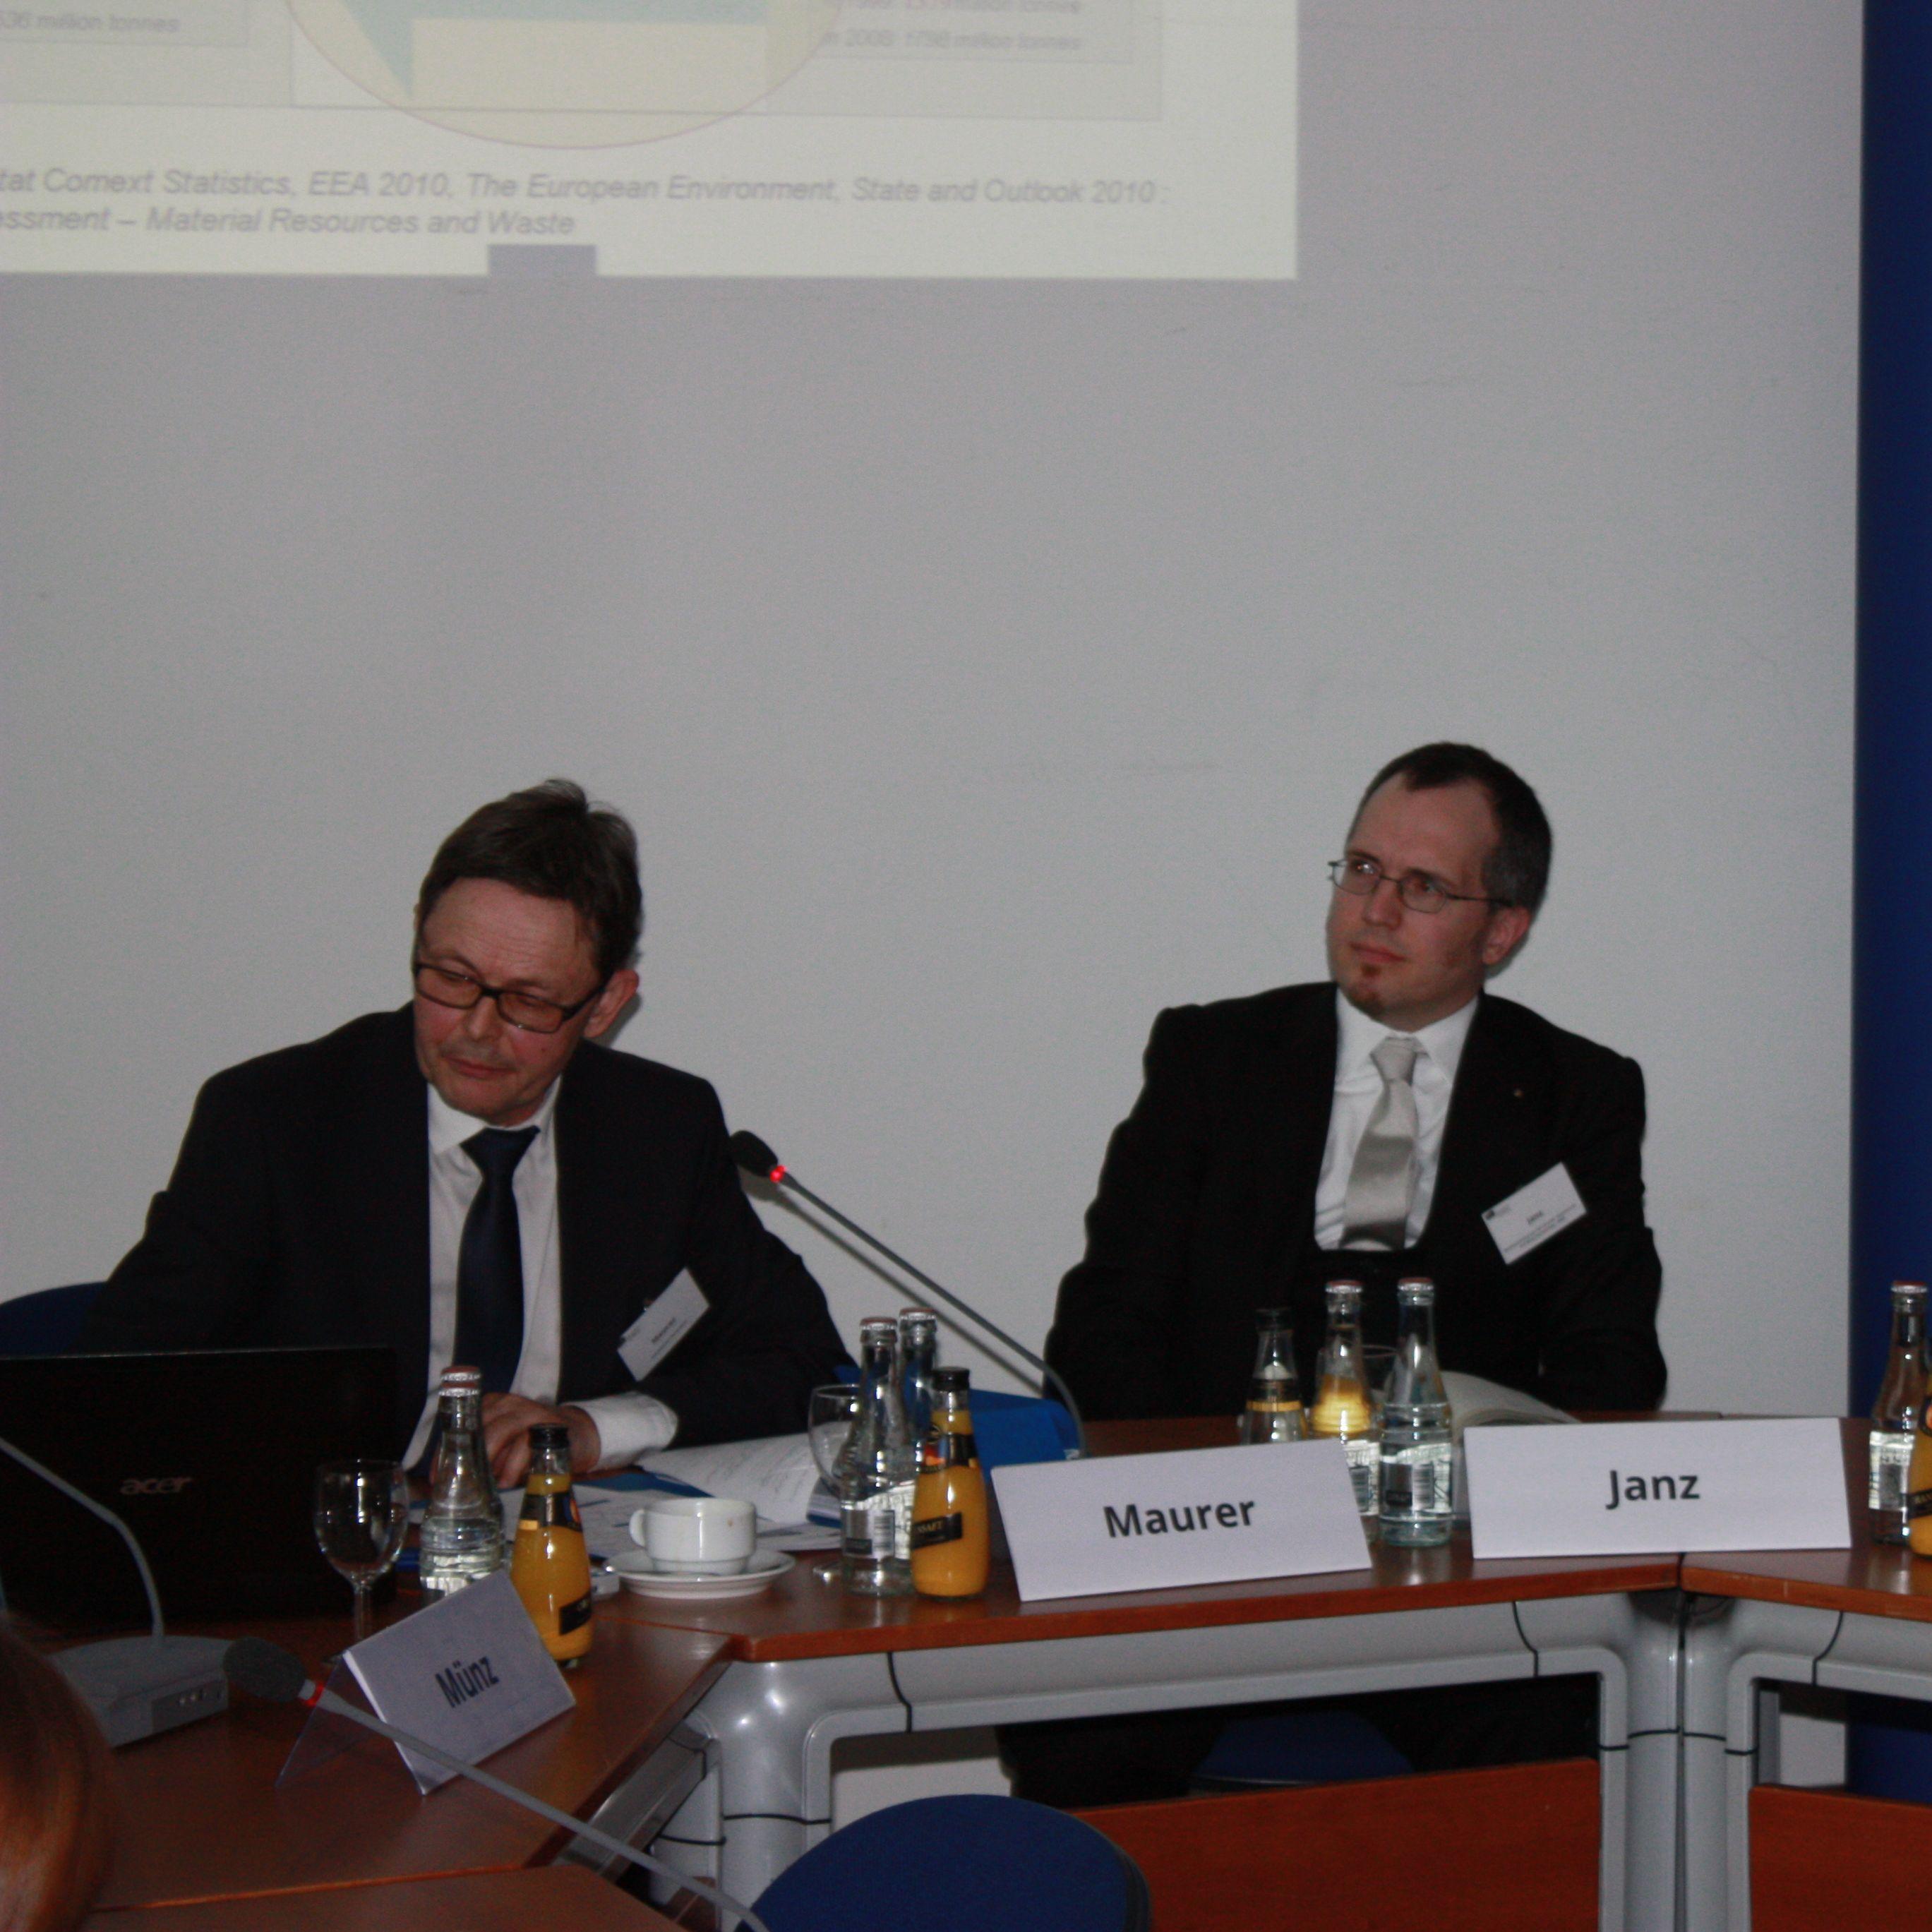 Kunststoffabfälle: Gefahren bannen, Chancen nutzen. Die EBD-Grünbuchanalyse zu einer europäischen Strategie